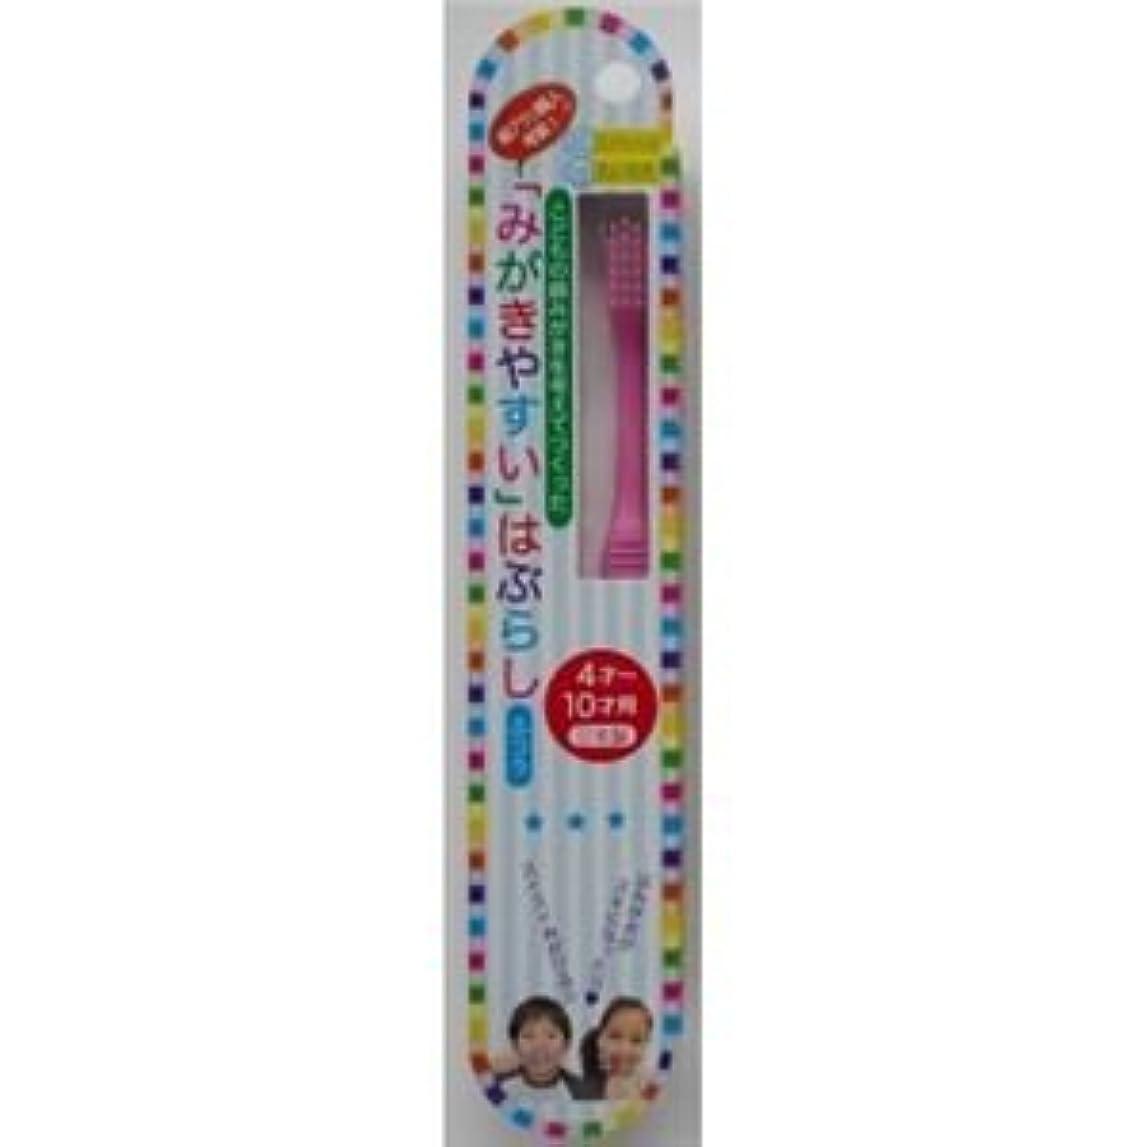 変更視力ファンド(まとめ)ライフレンジ 磨きやすい歯ブラシ LT-10 「磨きやすい」歯ブラシ こども用 【×12点セット】